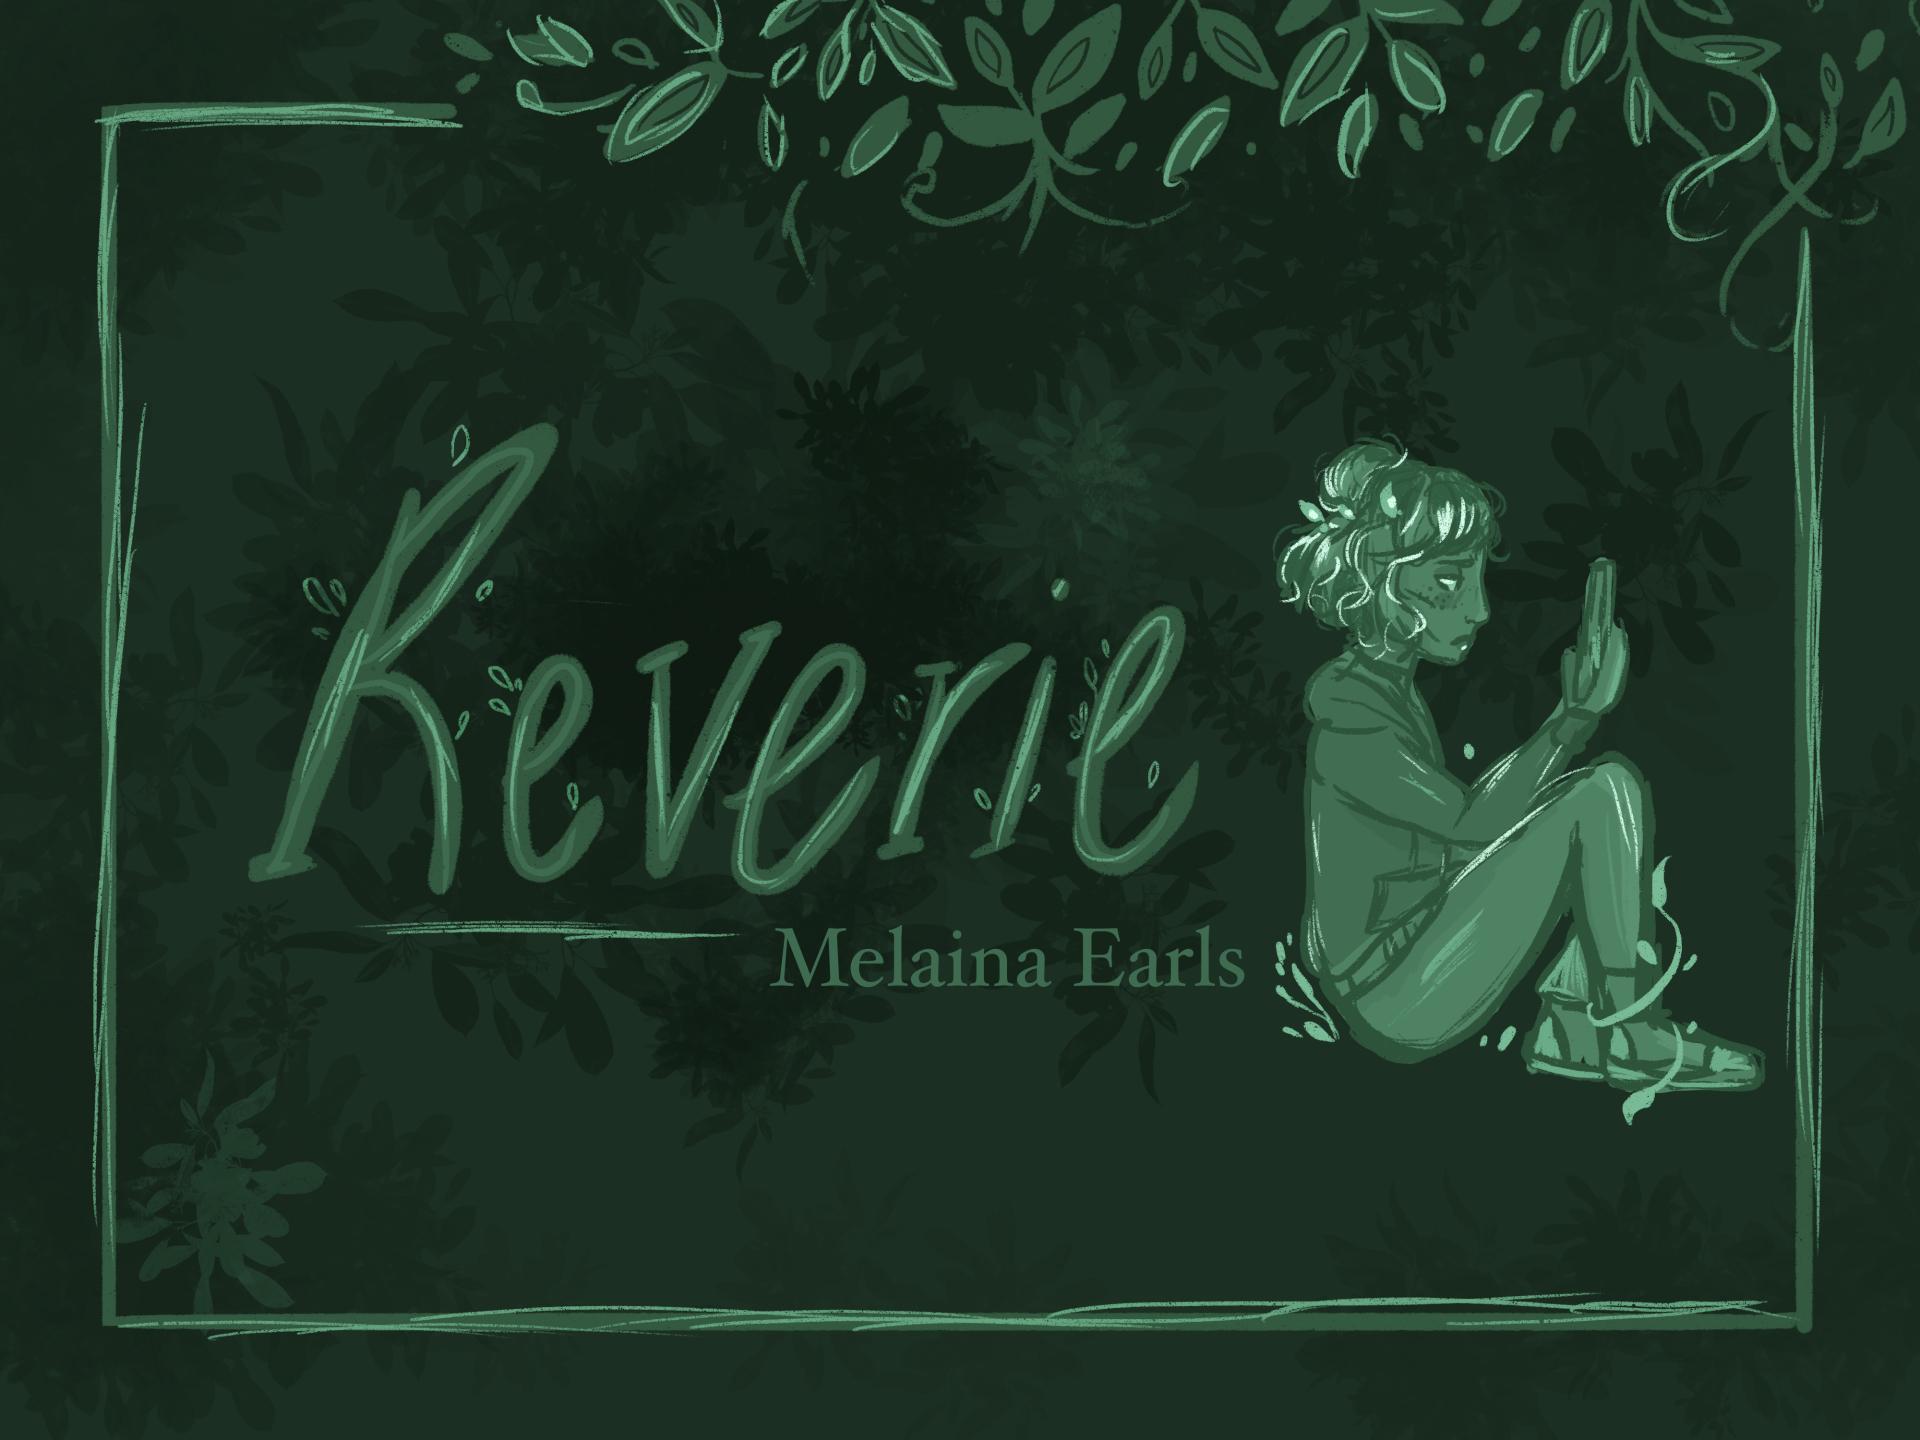 Melaina Earls, Reverie